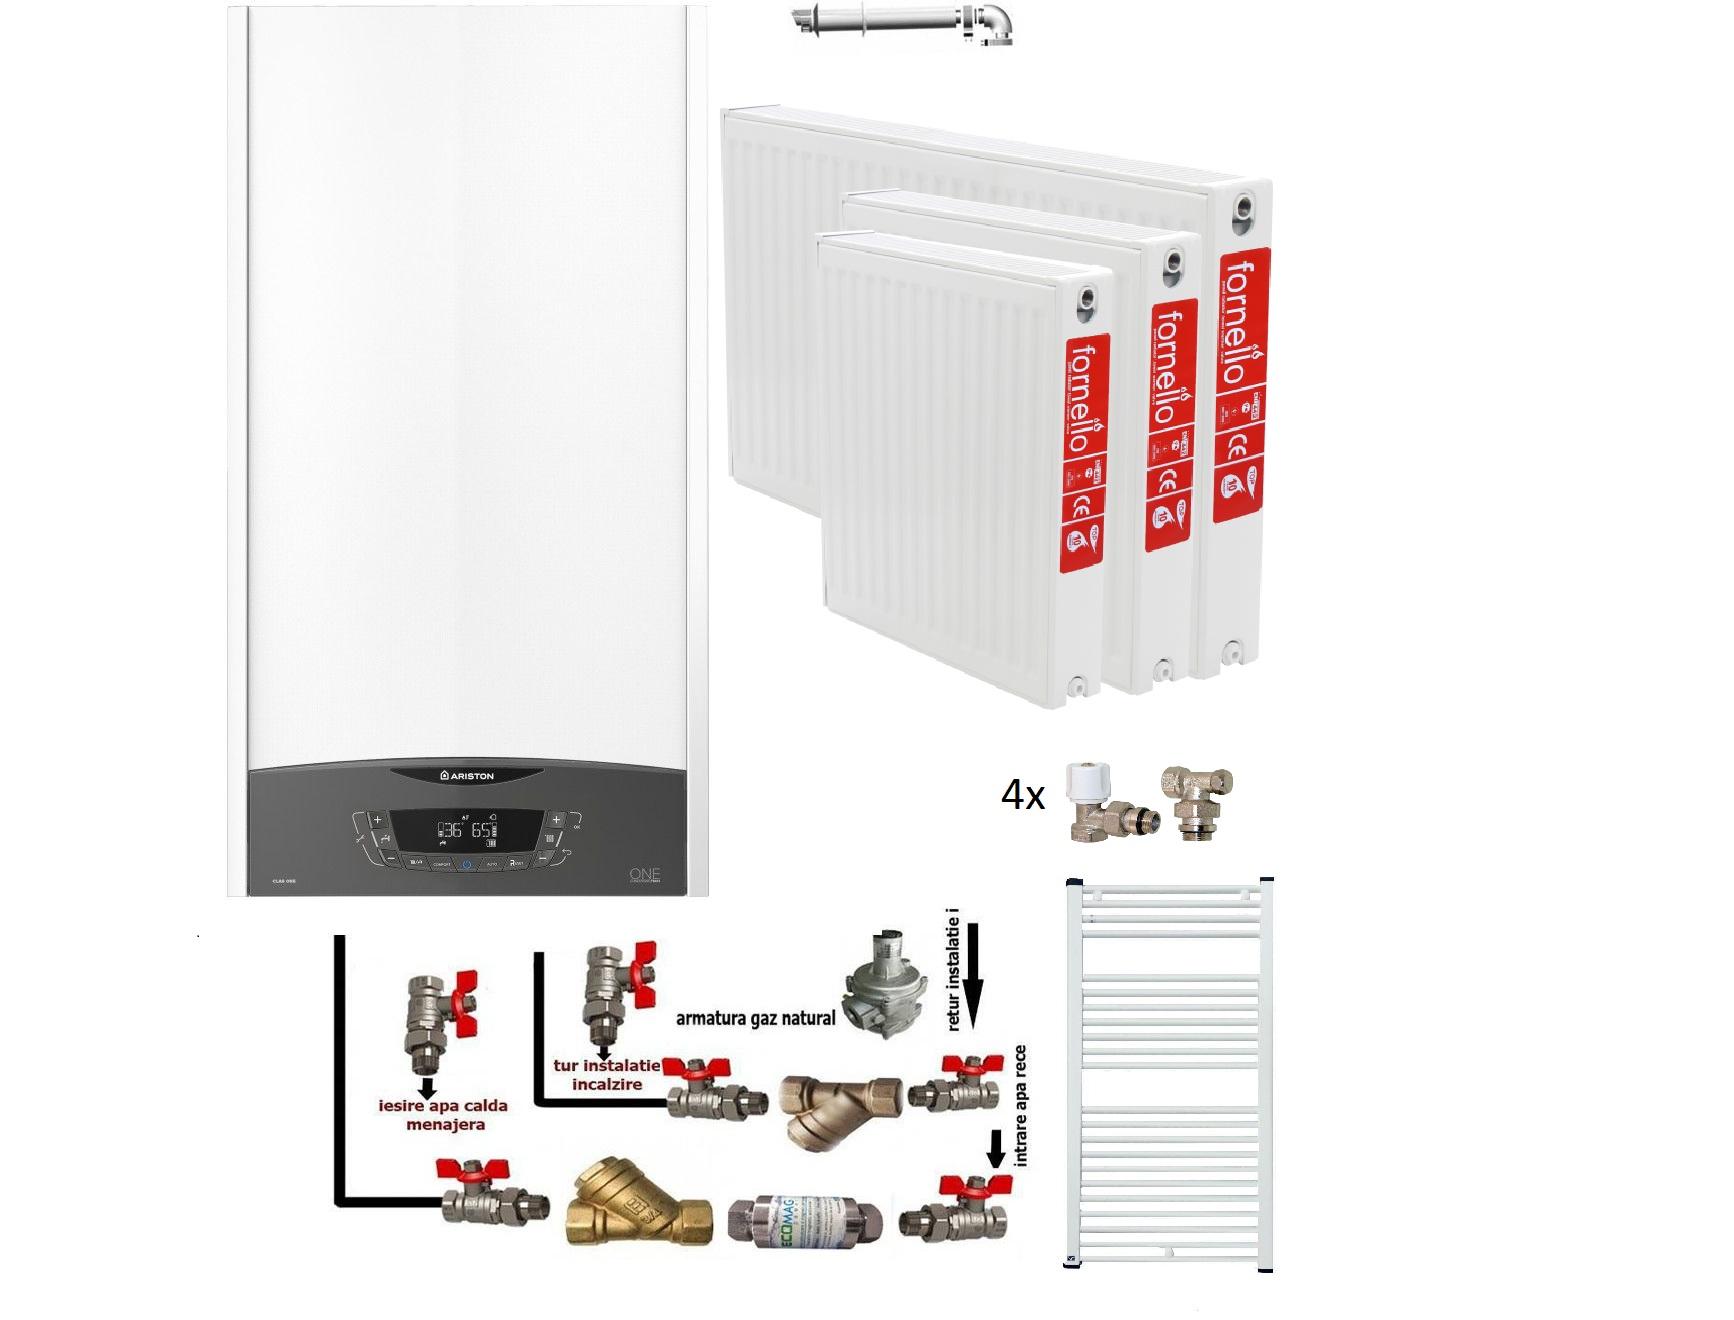 Pachet pentru apartament cu 3 camere Centrala in condensare Ariston Clas One 24 kw, calorifer Fornello otel 22x600x1400, 22x600x1200 ,22x600x1000, 22x600x800, pp 400x1000, kit armaturi centrala , robineti calorifer, filtru pentru impuritati bonus fornello imagine